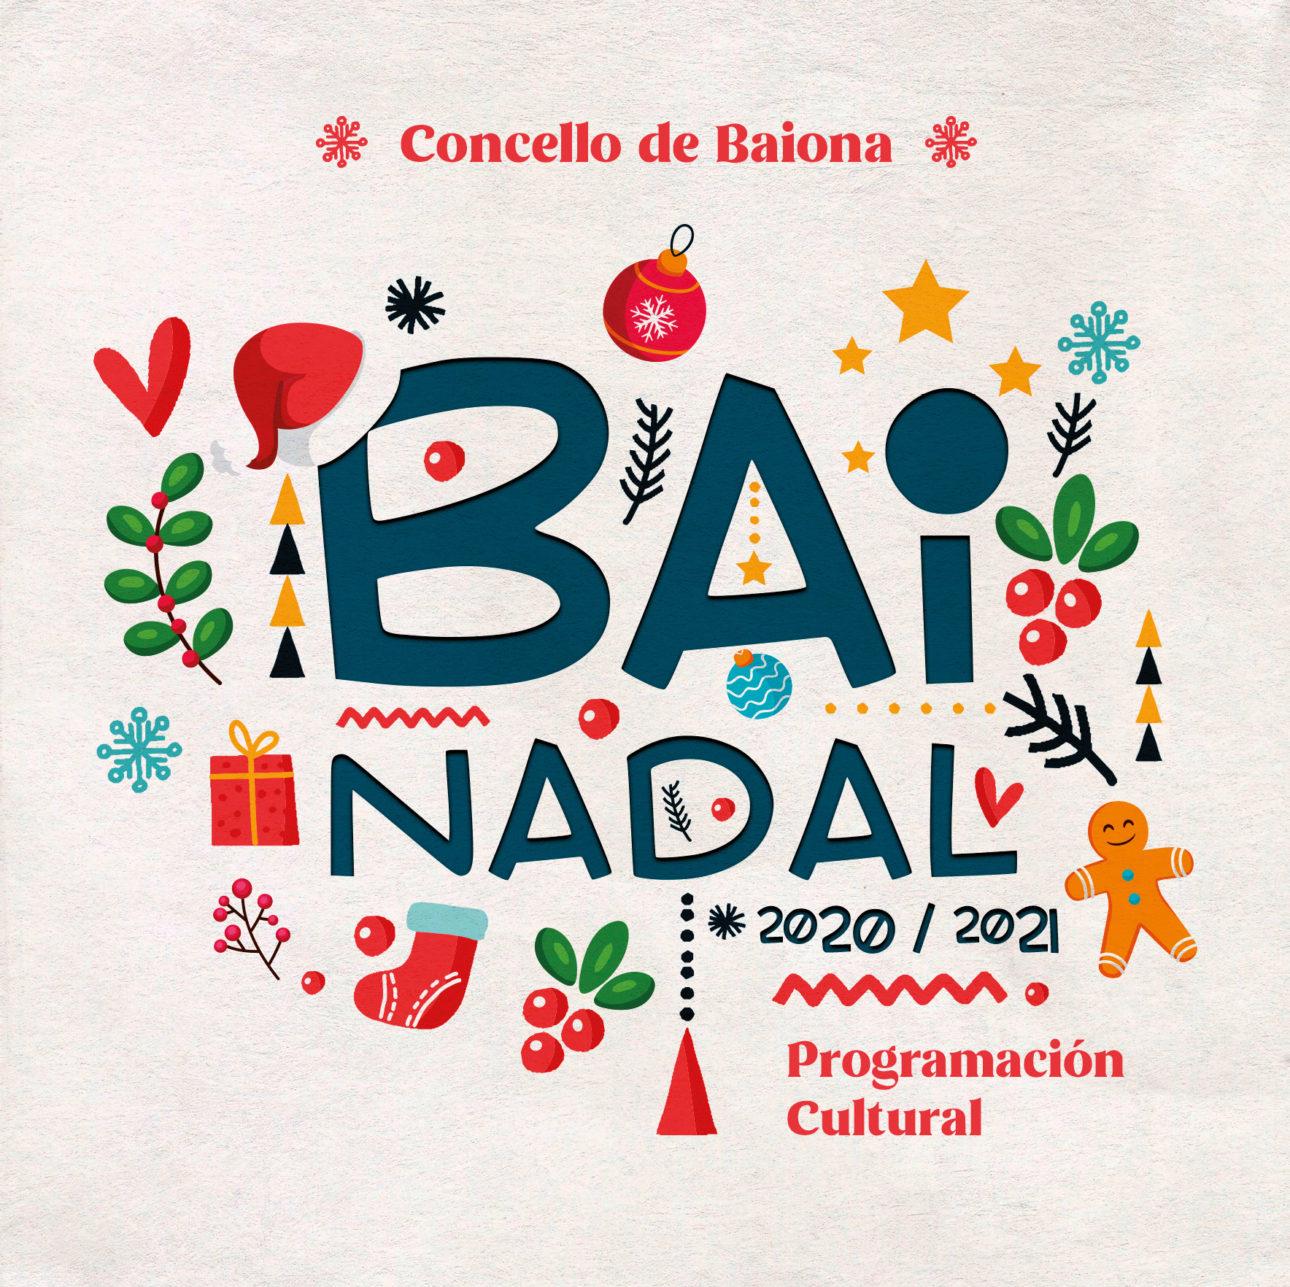 bainadal2020 pag1 scaled Baiona